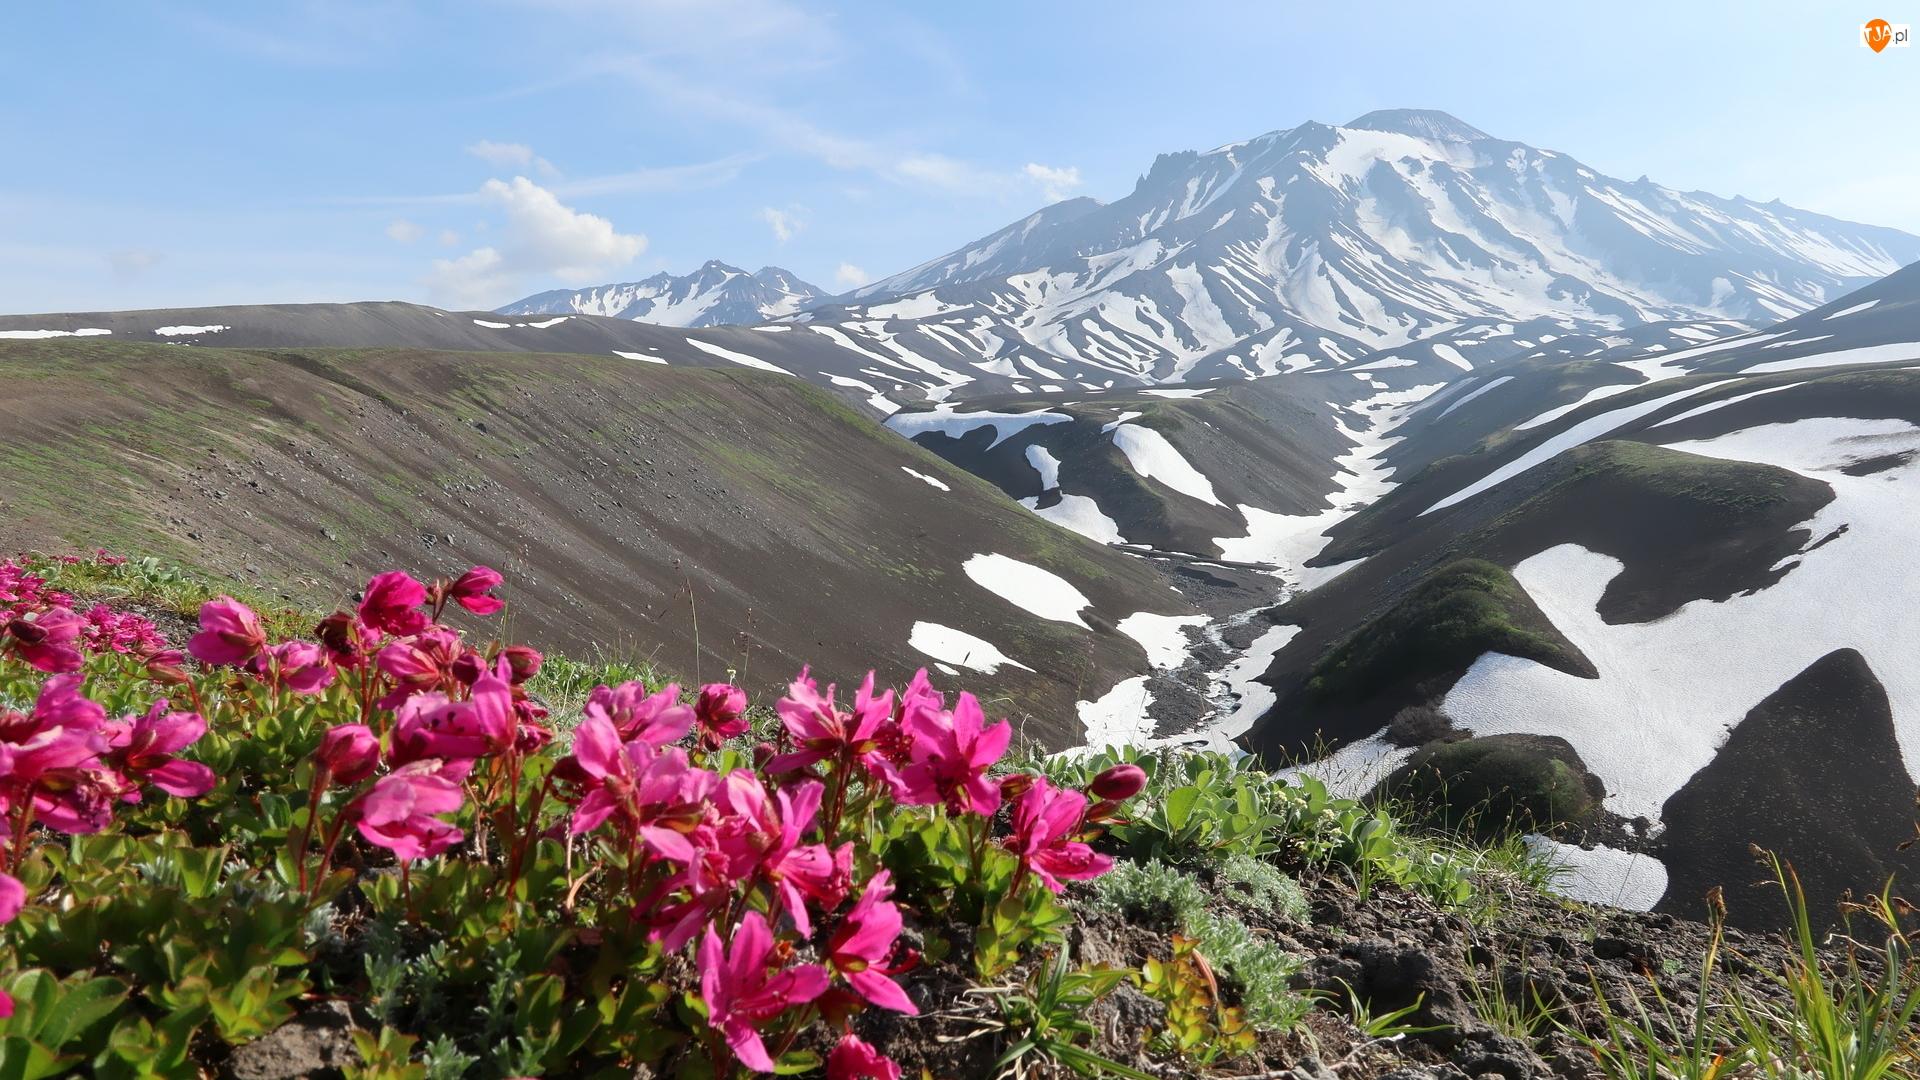 Kwiaty, Góry, Śnieg, Różowe